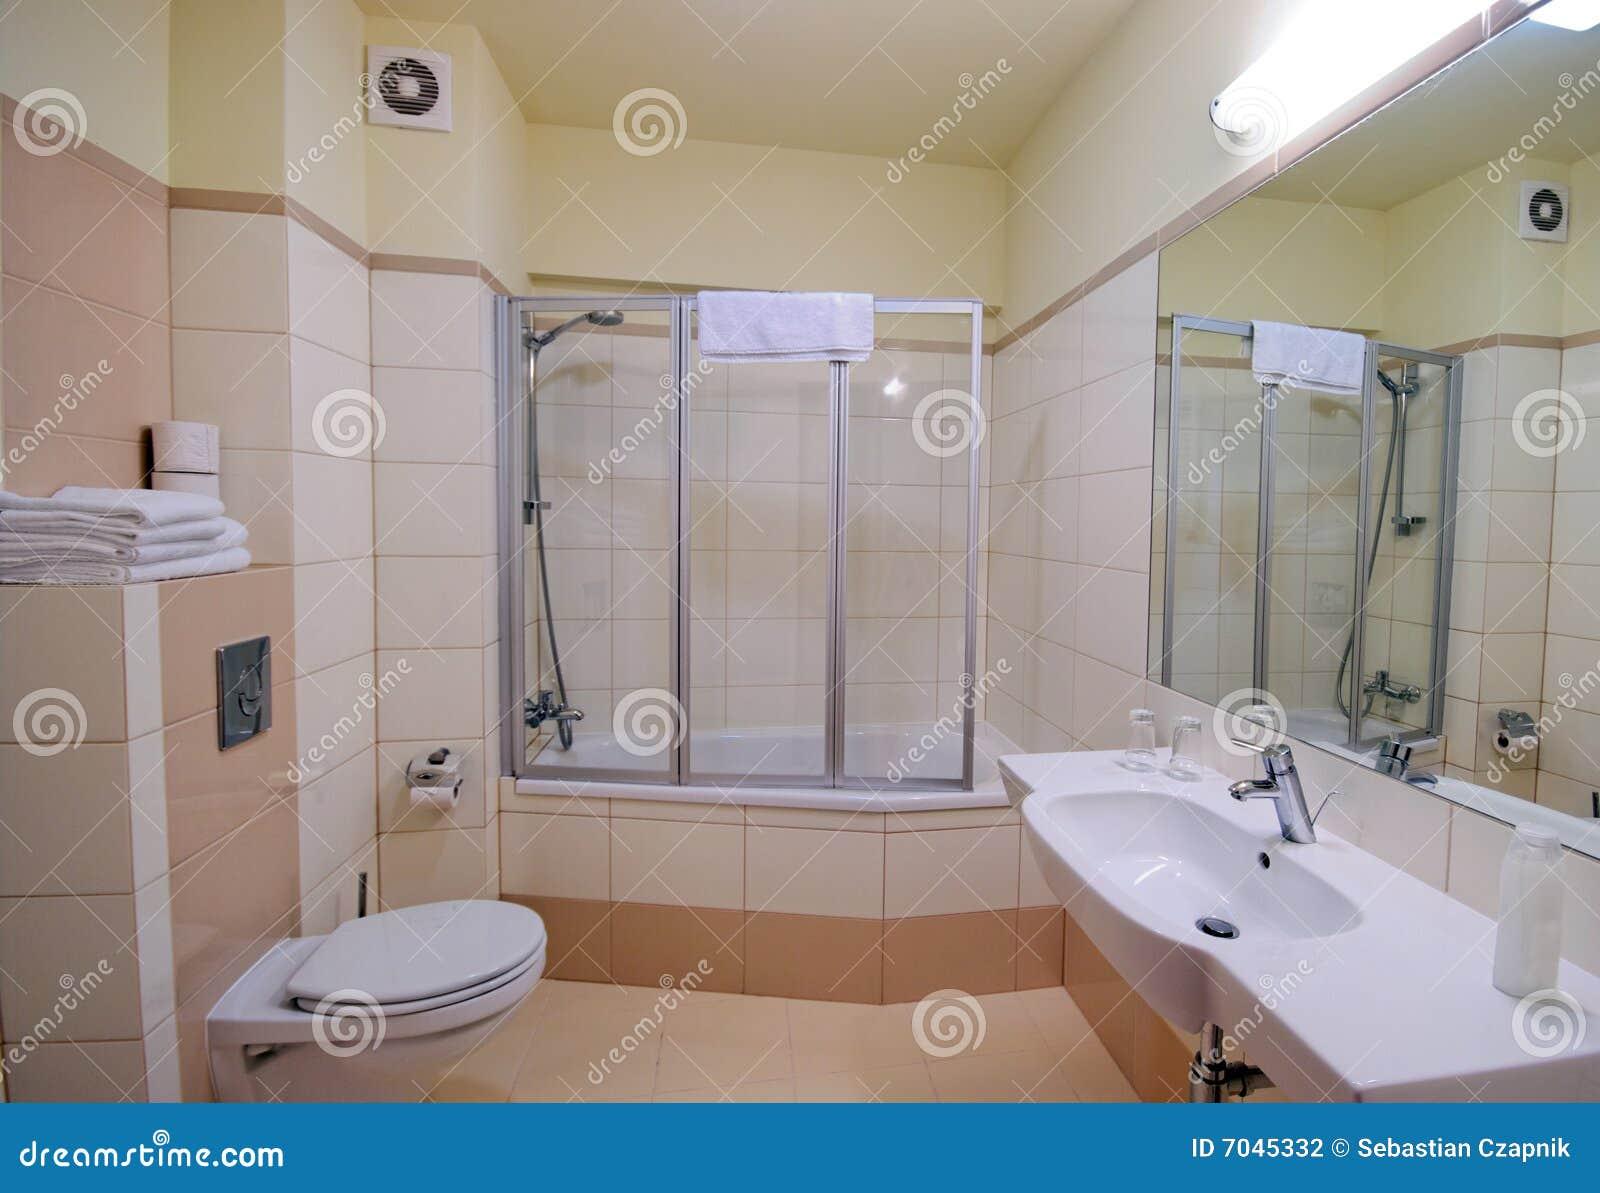 cuartos de bao con ducha de la ducha del cuarto de bao fotografa de archivo u imagen cuartos de bao con ducha modernos